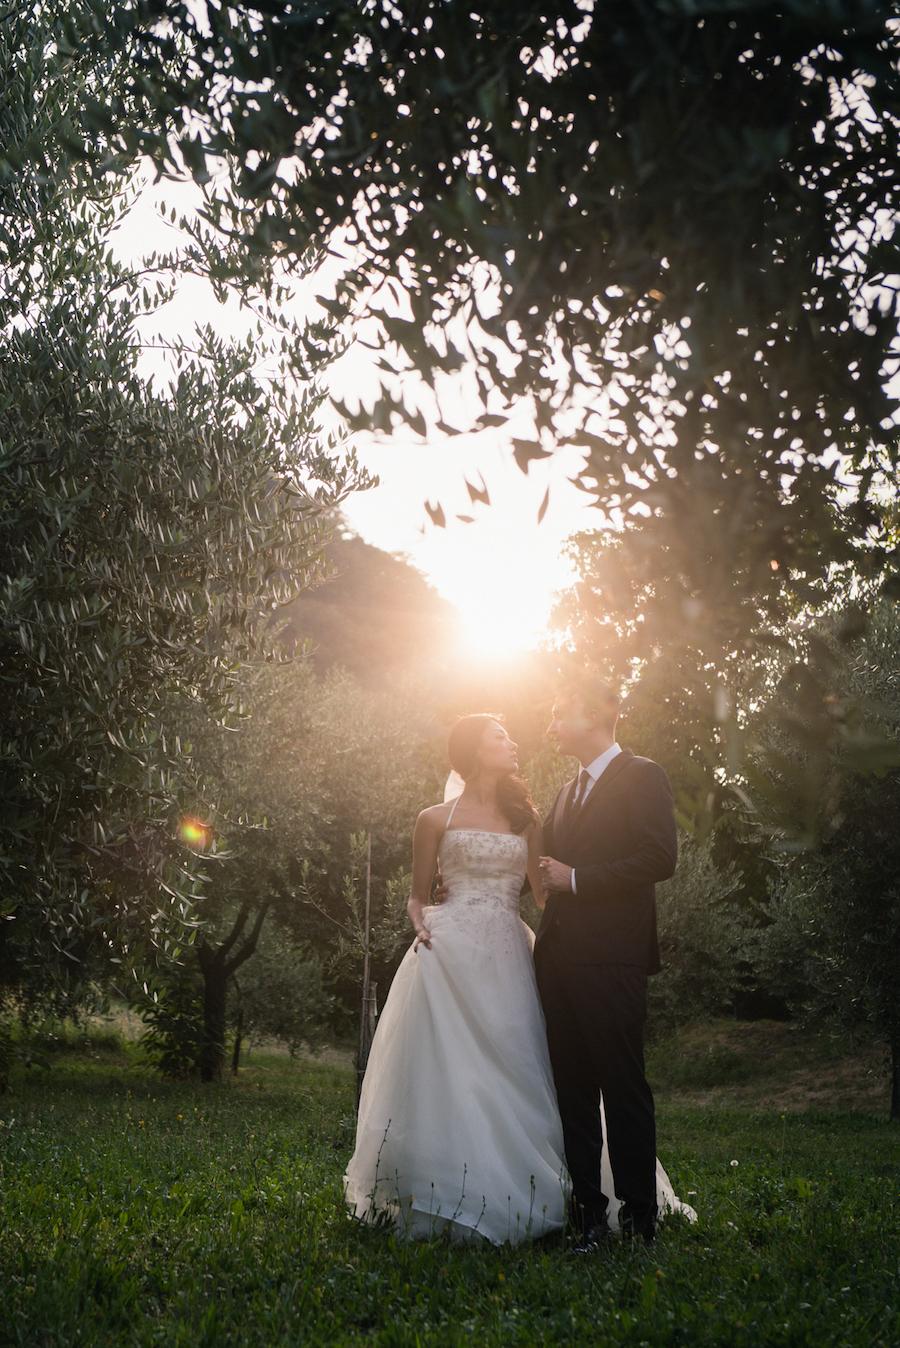 matrimonio-bilingue-con-rito-simbolico-selene-pozzer-21